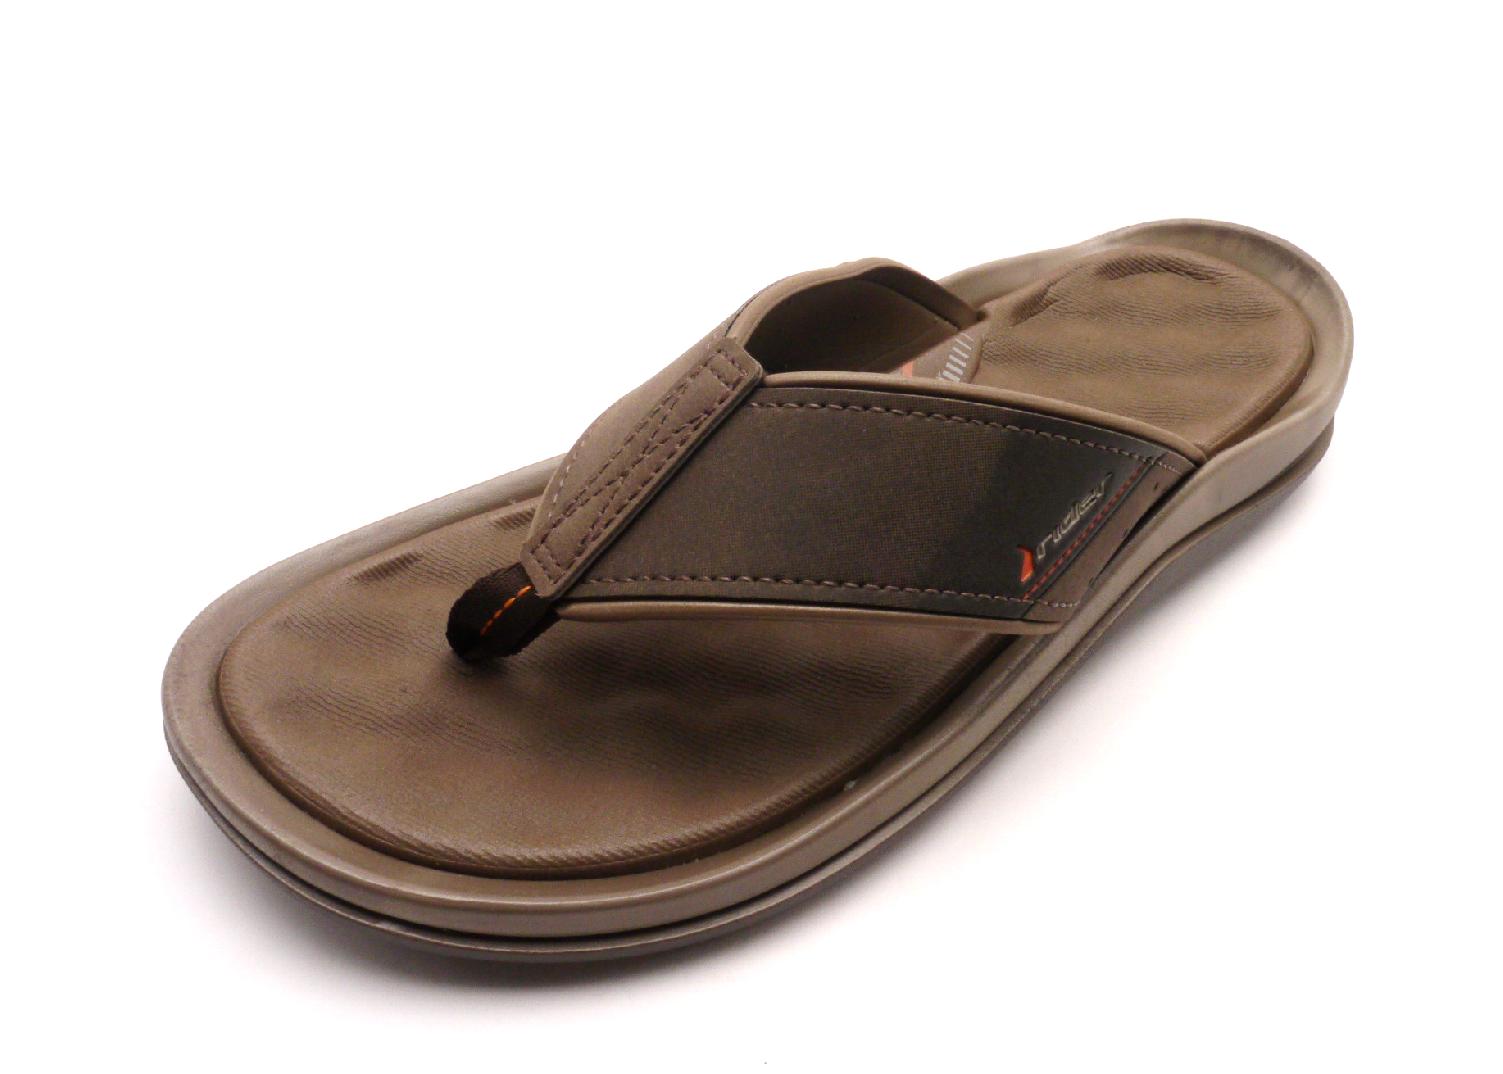 Pánské pantofle Rider 81978 Velikost: 39-40